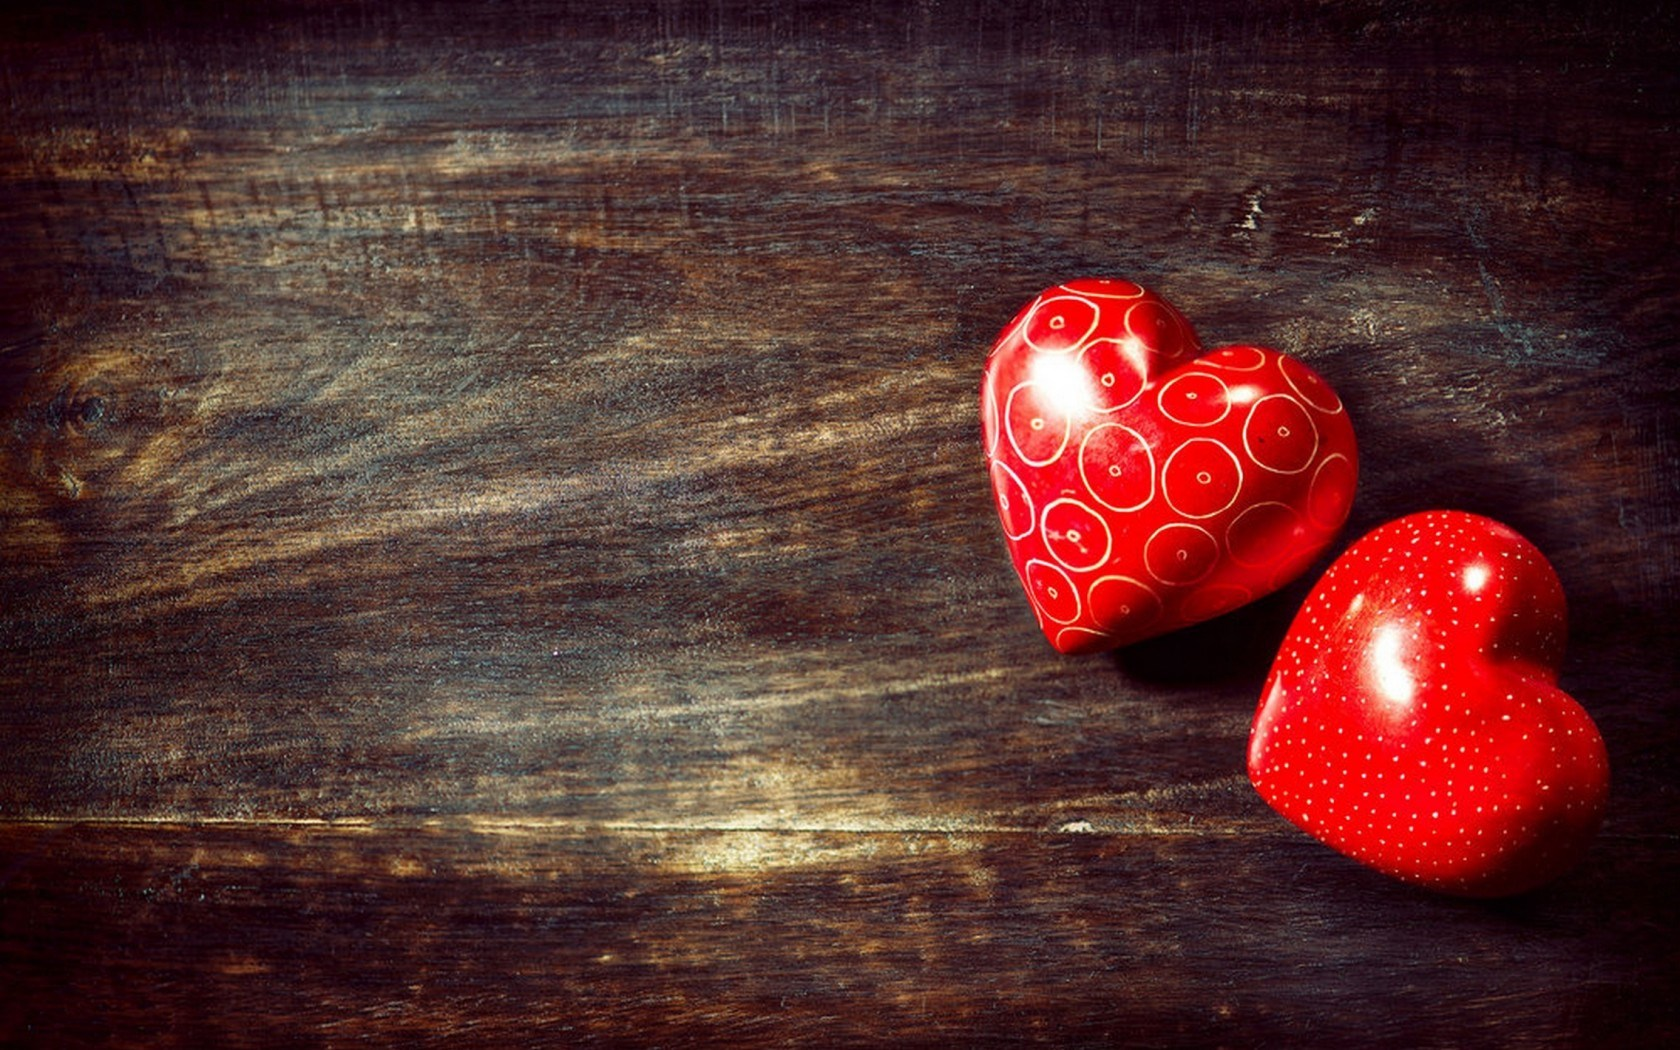 Love-Heart-Shaped-Wallpaper For Desktop